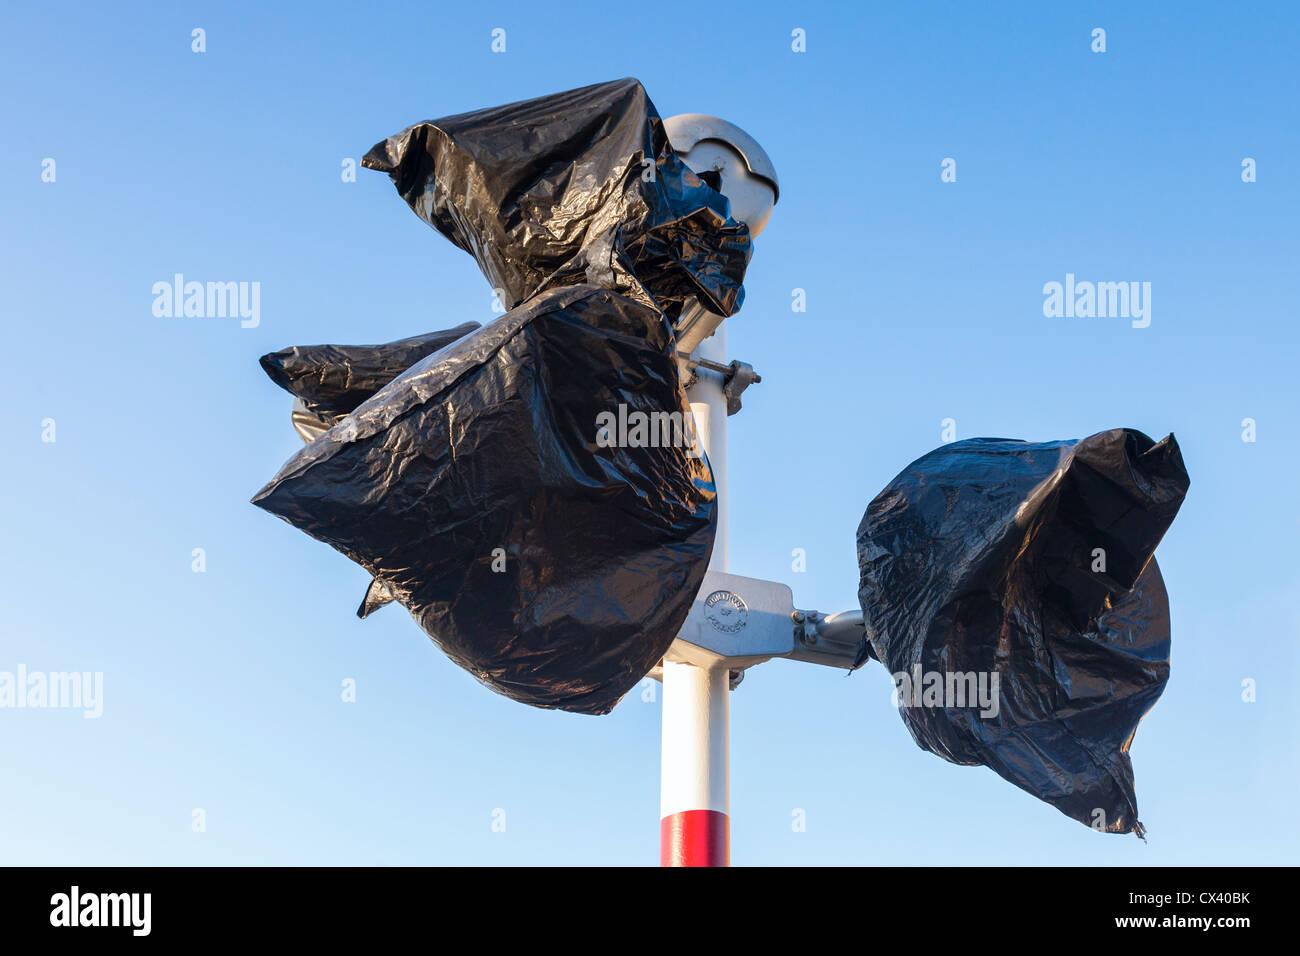 Les feux d'avertissement de passage à niveau, couvertes d'un plastique noir bin sacs. Photo Stock